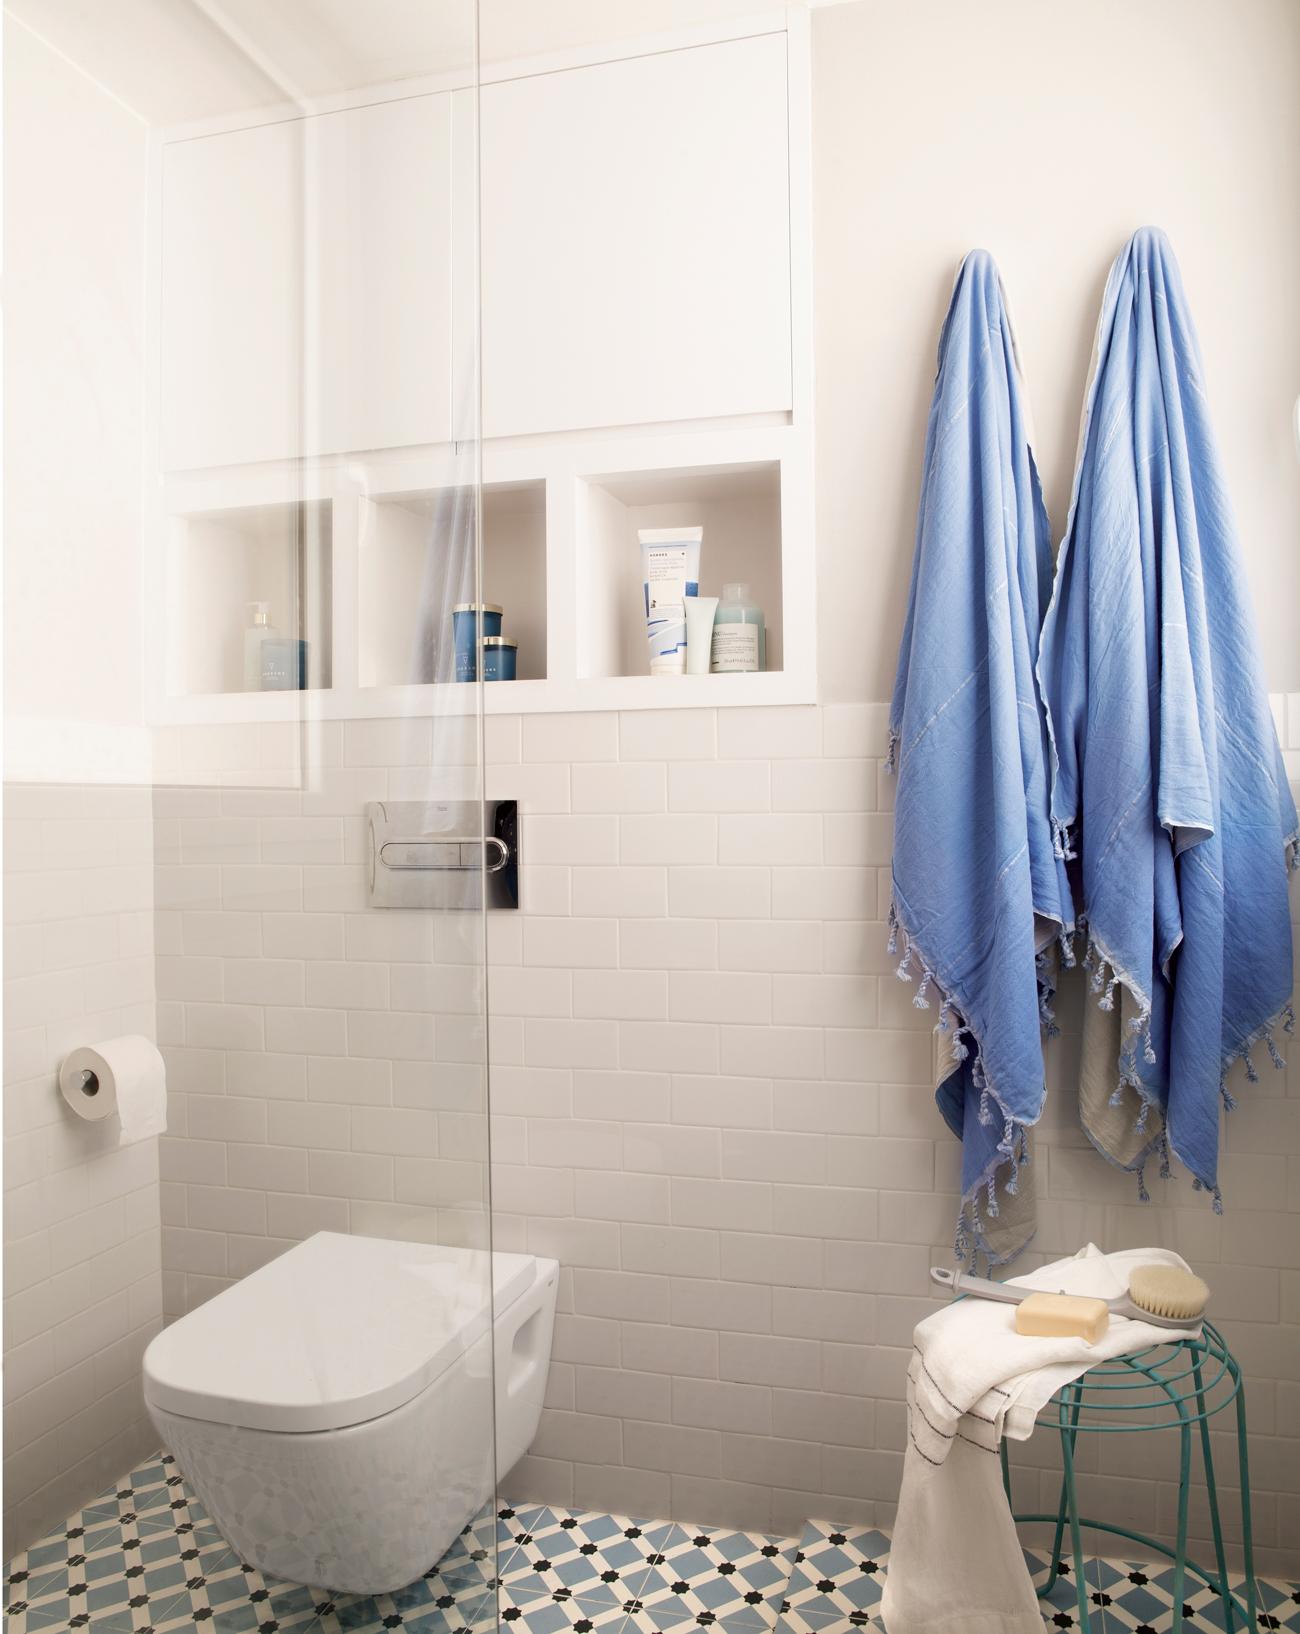 Muebles ba o decoraci n accesorios mamparas y azulejos - Modelos de mamparas para banos ...